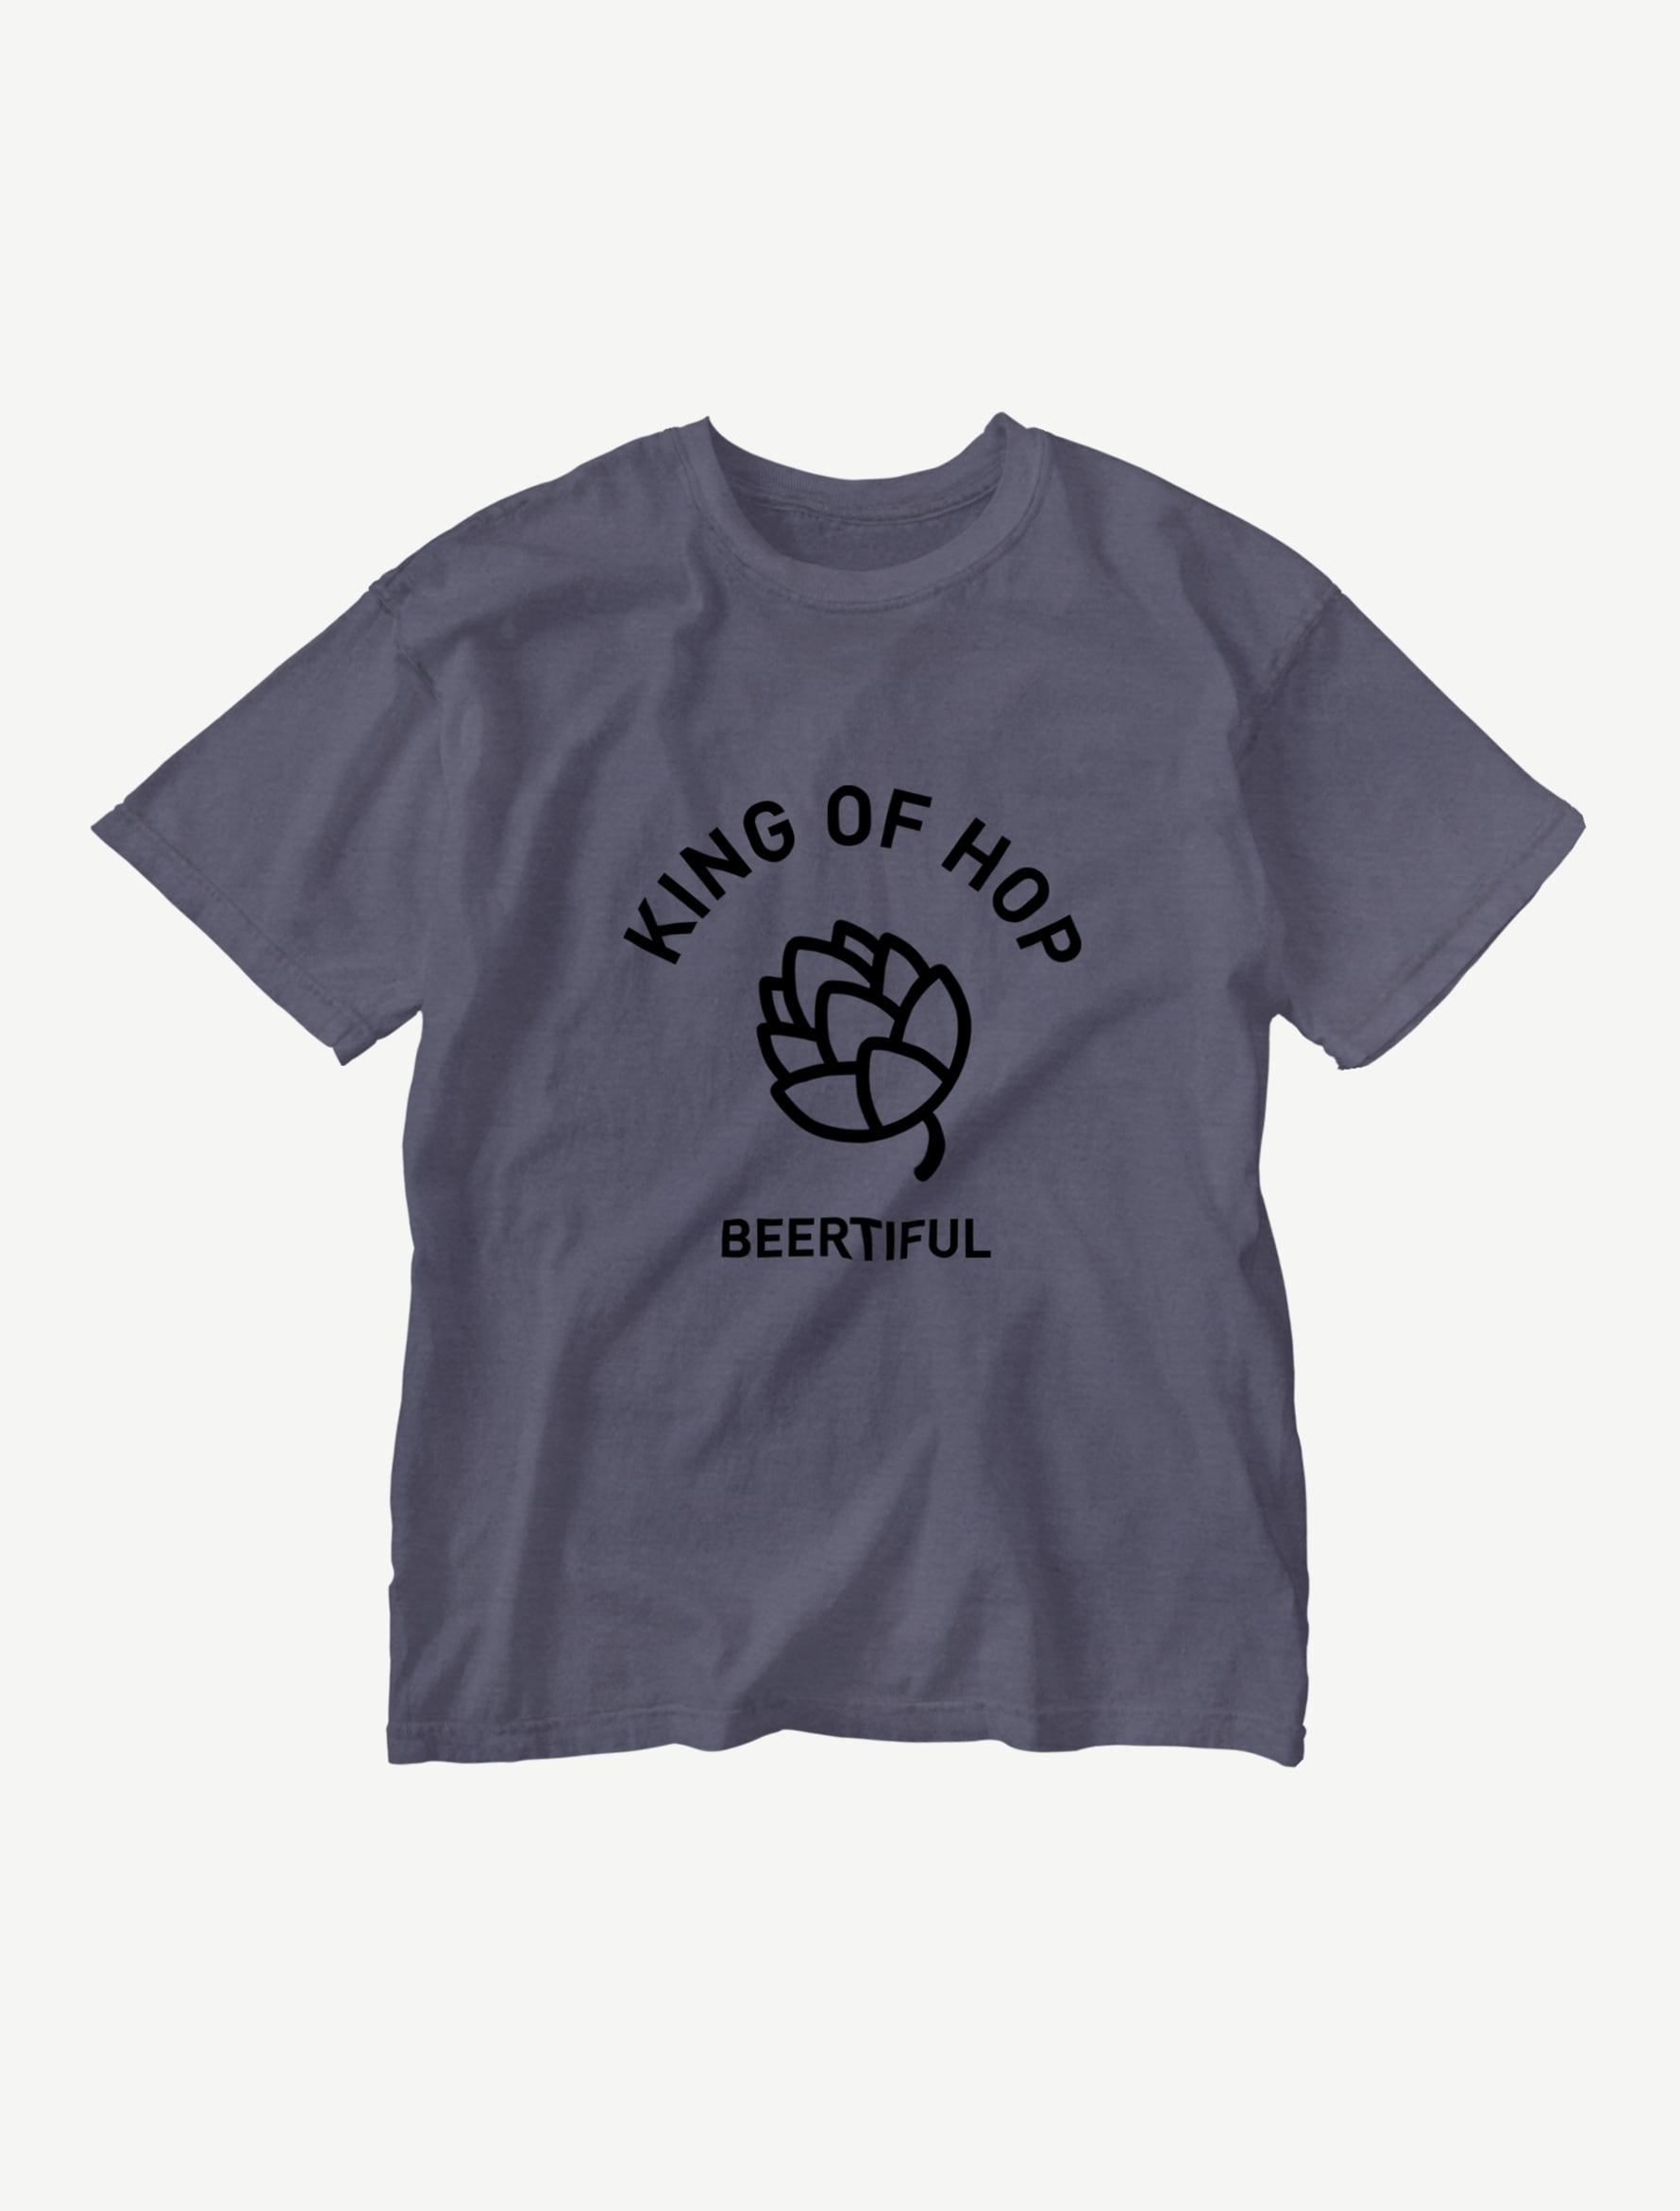 【KING OF HOP】ウォッシュTシャツ